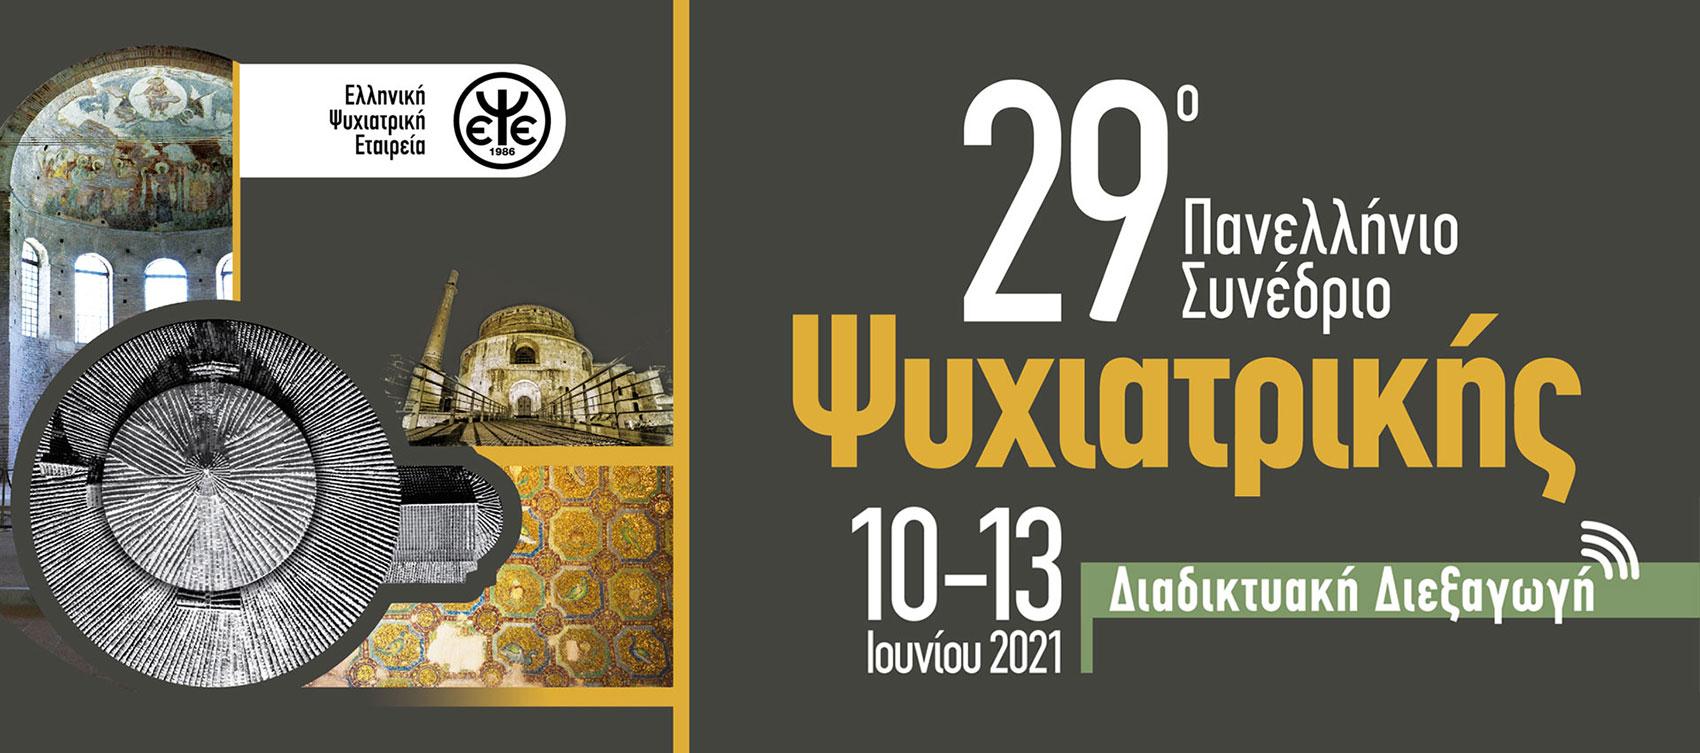 29ο Πανελλήνιο Συνέδριο Ψυχιατρικής